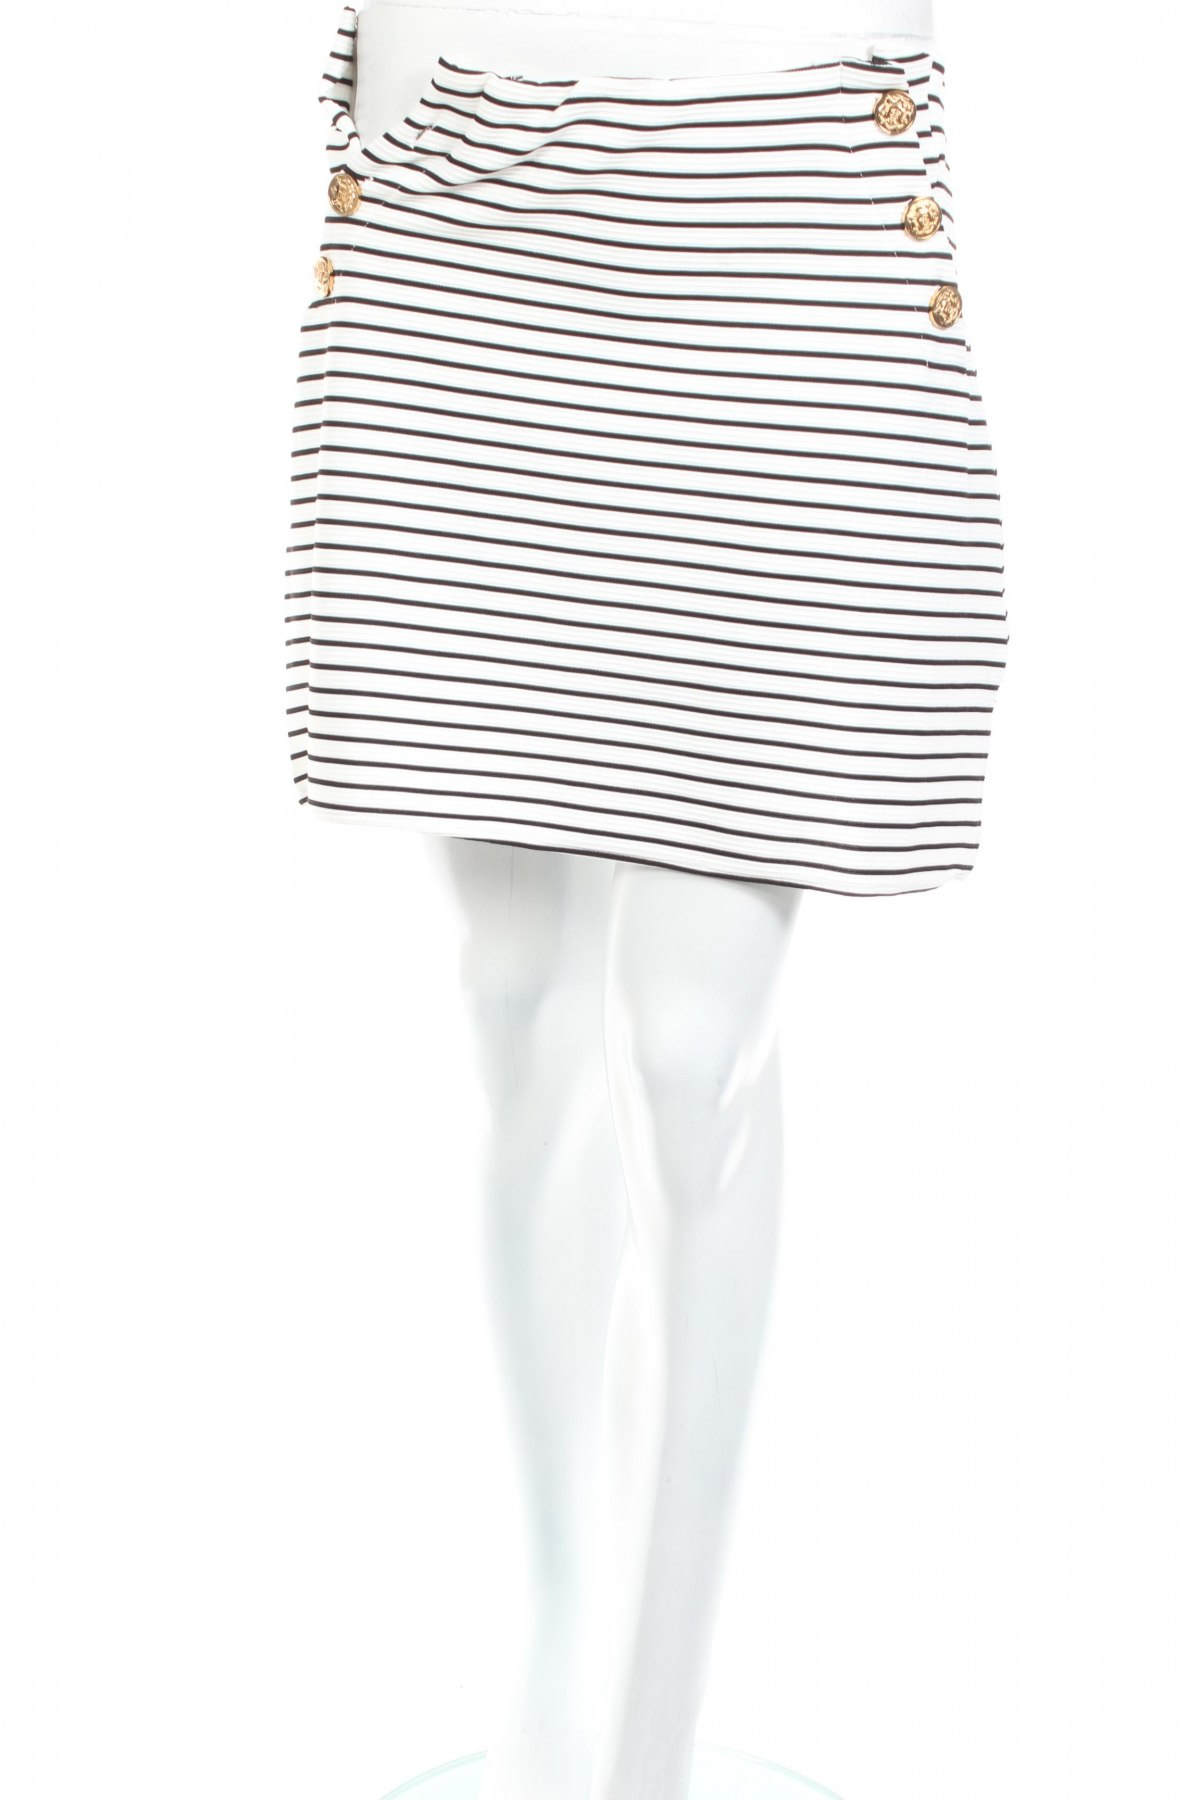 a8096eeb3ae4 Dámske oblečenie - blúzky